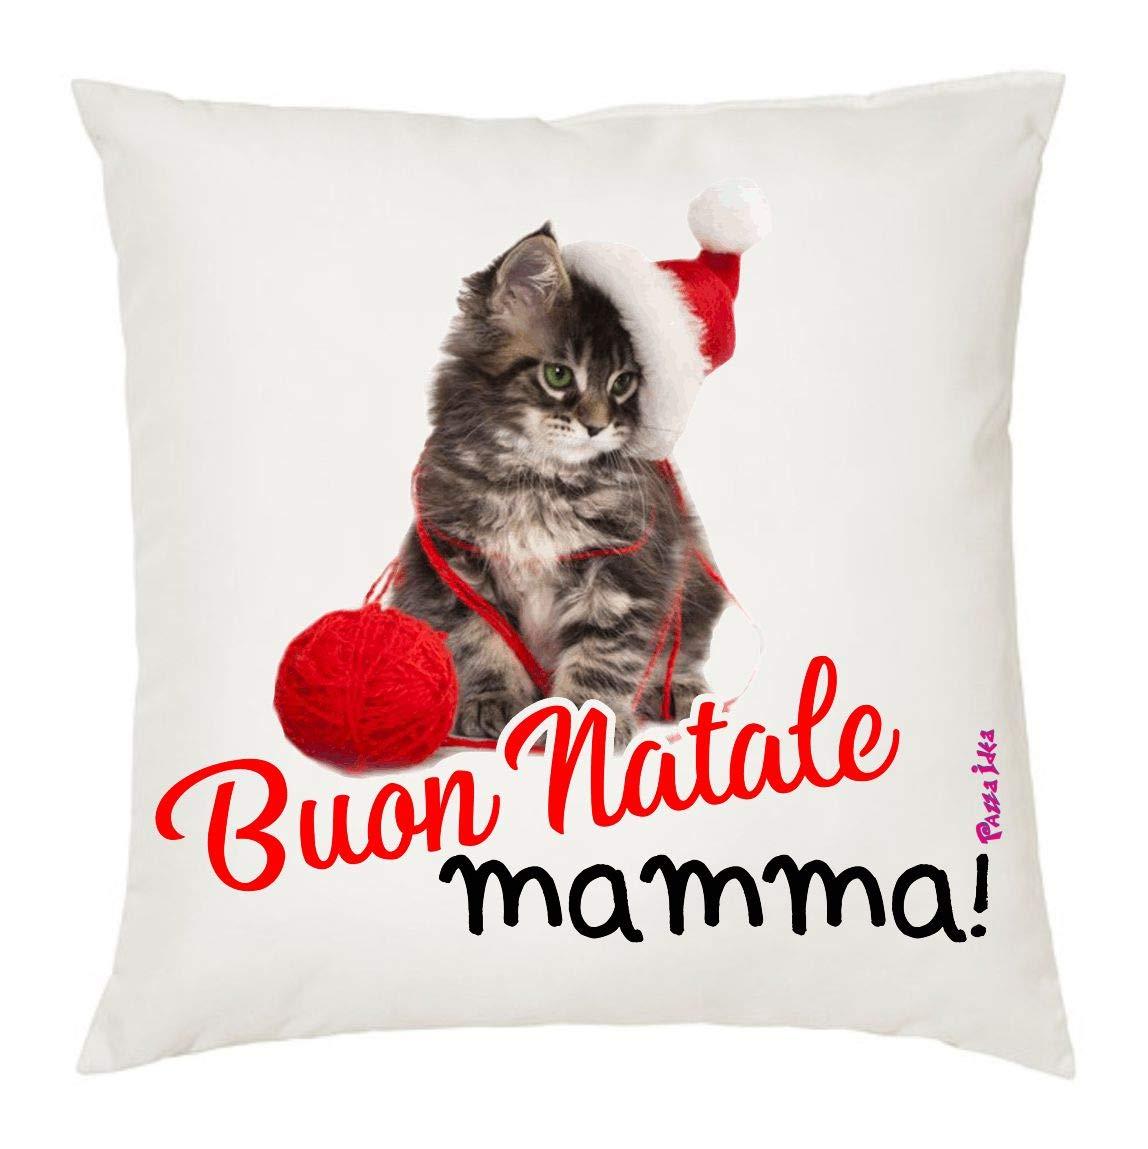 Cuscino 40x40 Scritta Buon Natale Mamma Idea Regalo Natale Disegno Gatto